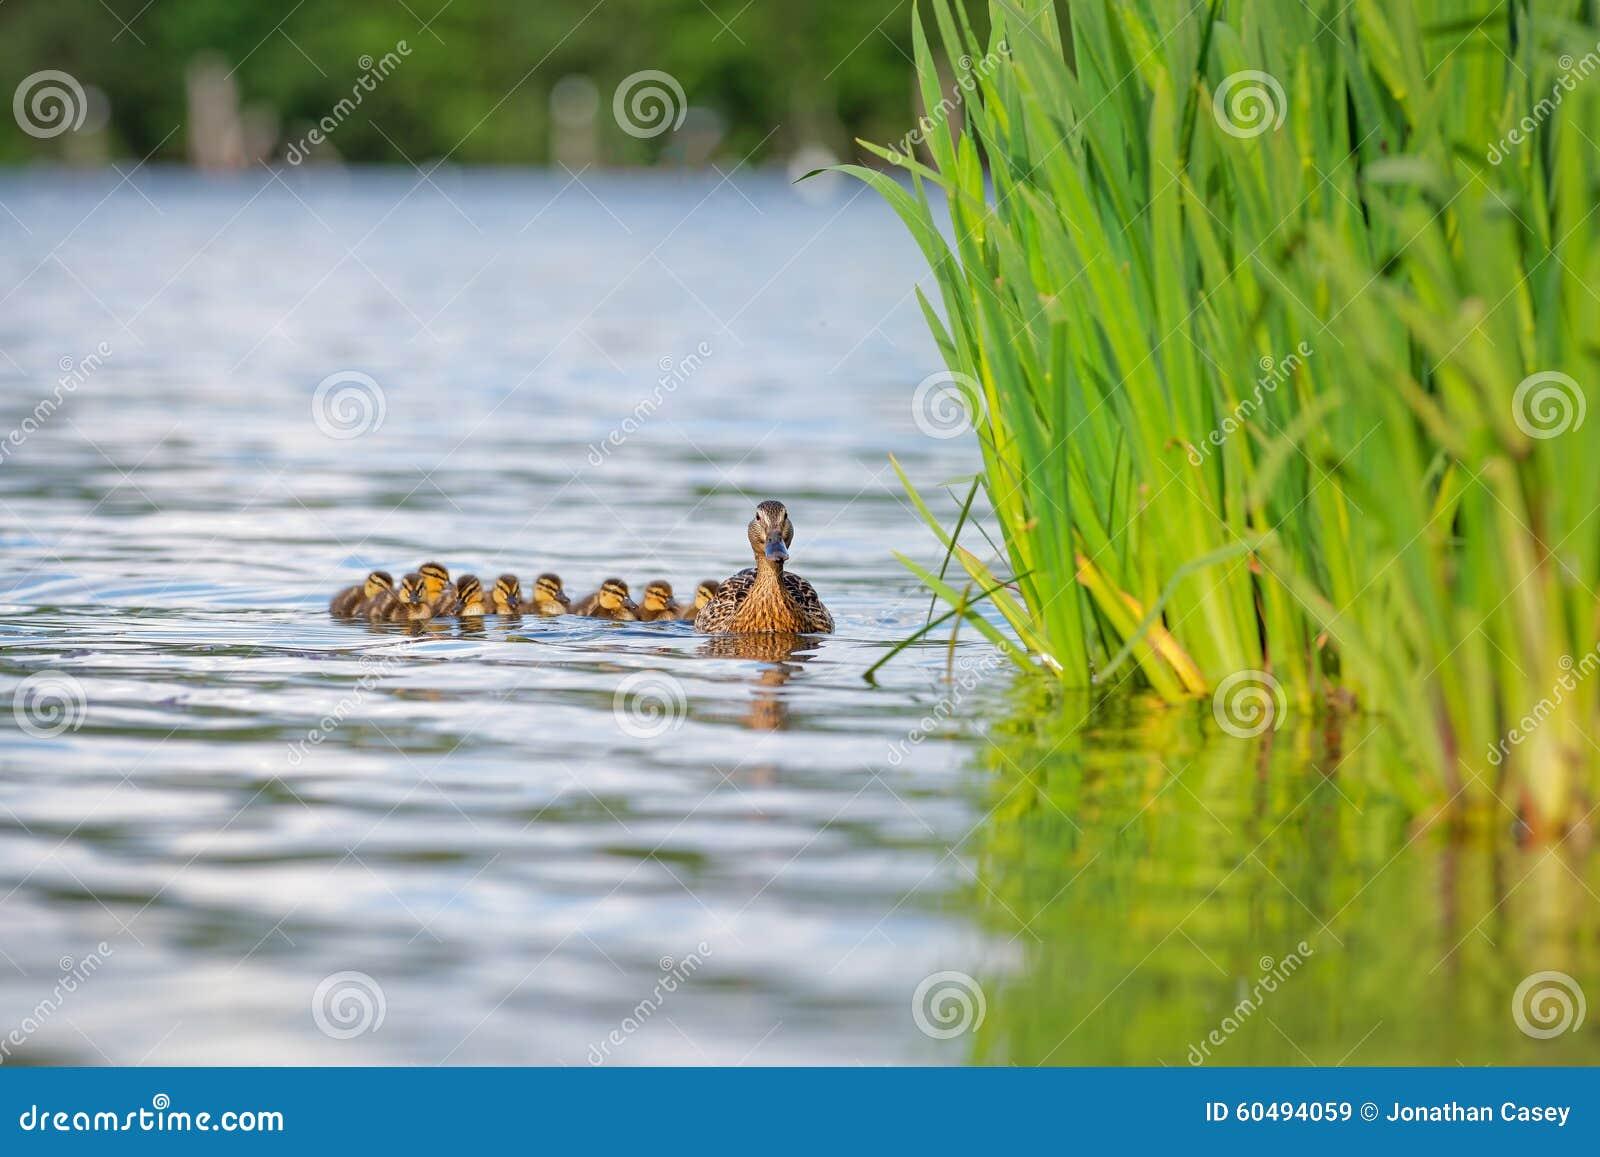 Πάπια μητέρων με τους νεοσσούς στο νερό από τους καλάμους